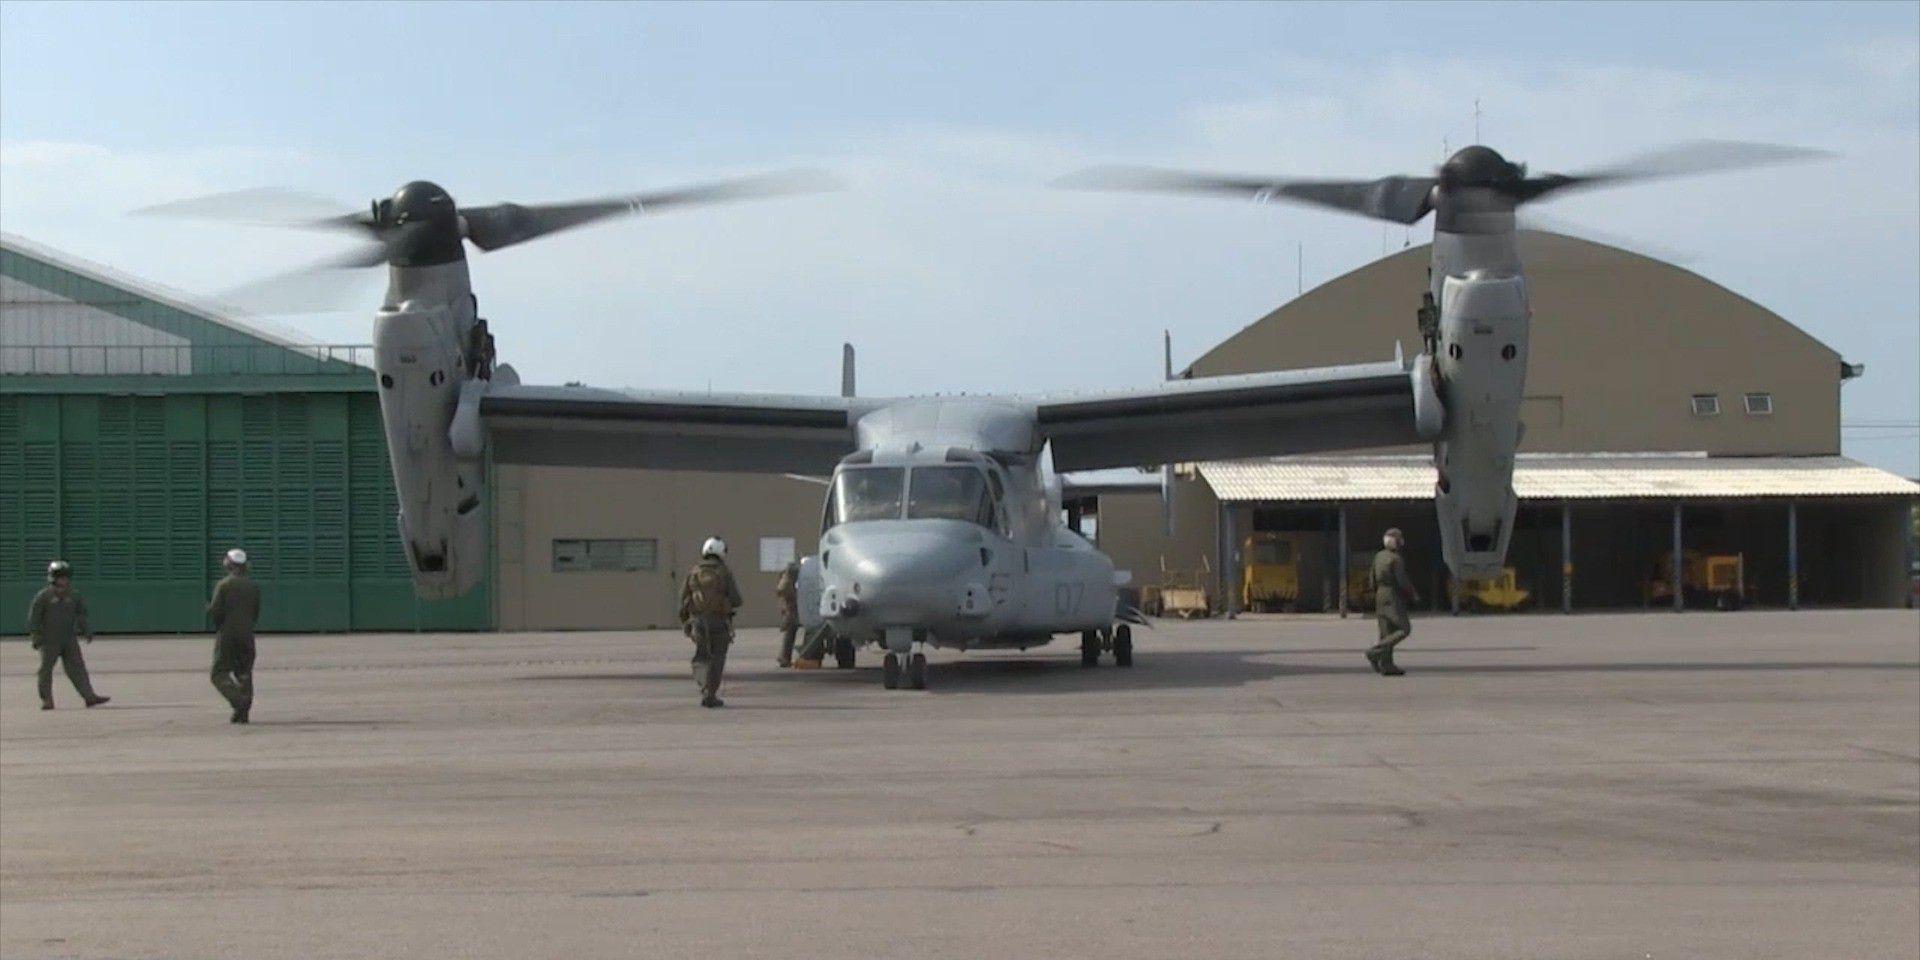 Sprachlos: Heli-Flugzeug V-22 mit neuem Rekord